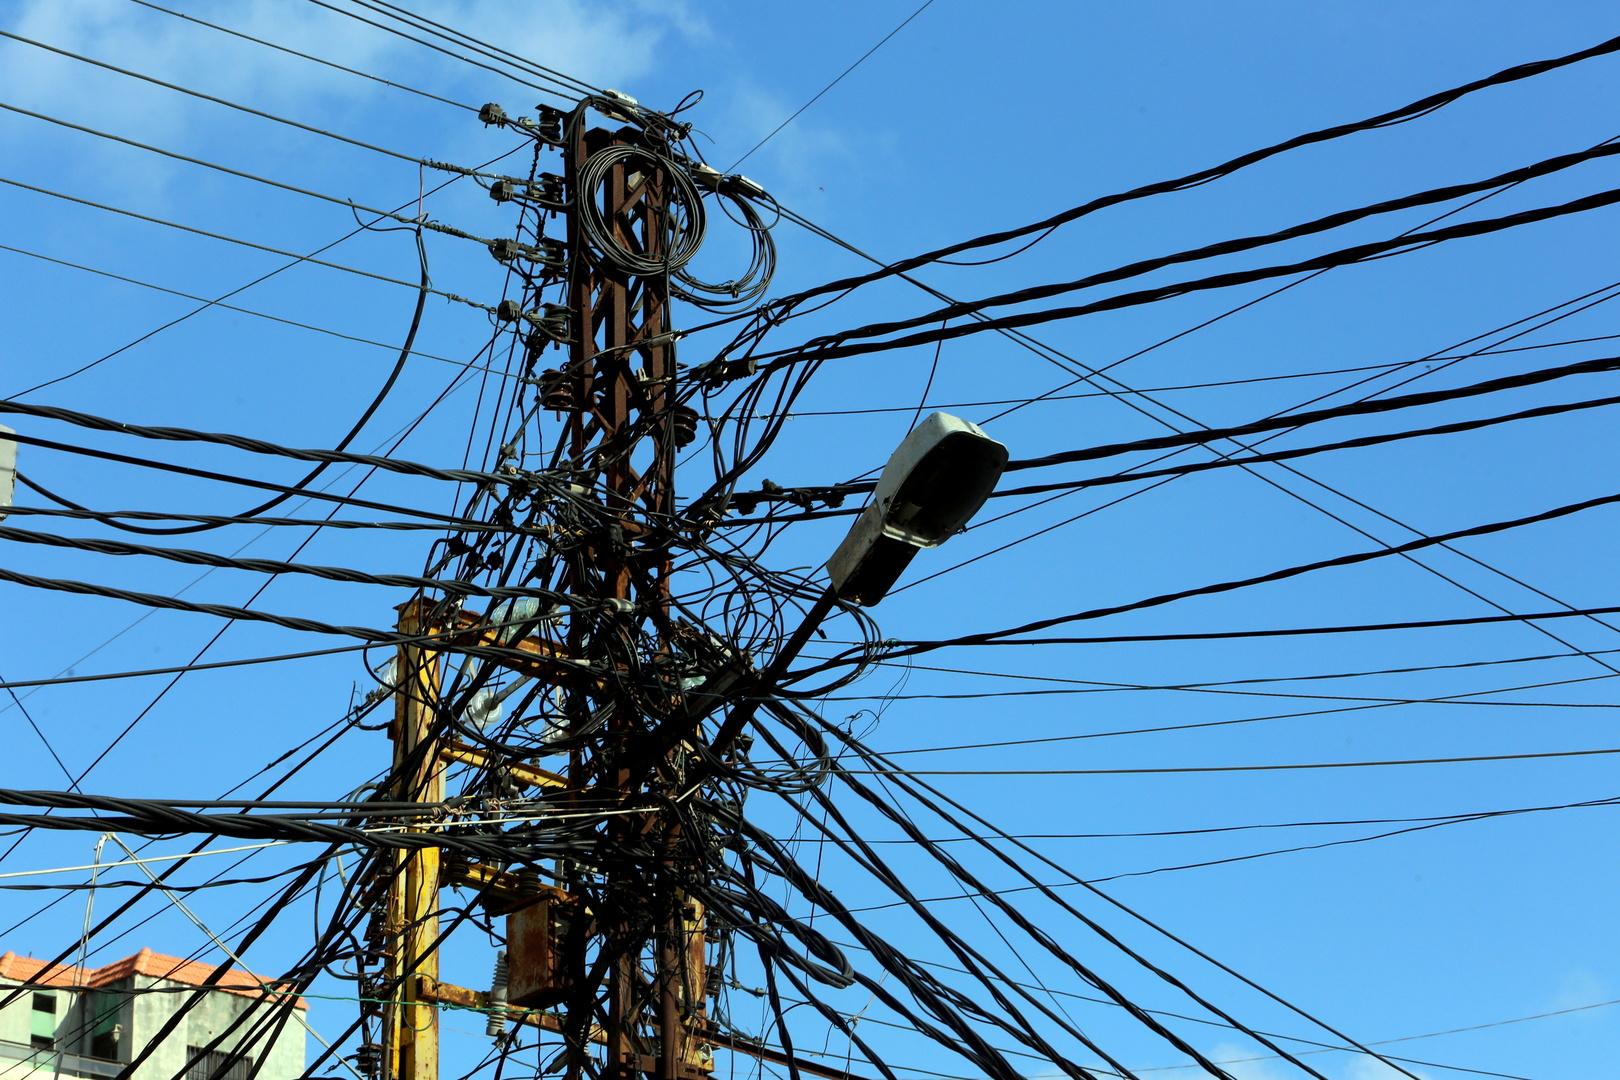 خطة أمريكية تشمل الأردن وسوريا ومصر لمساعدة لبنان في تجاوز أزمة الكهرباء